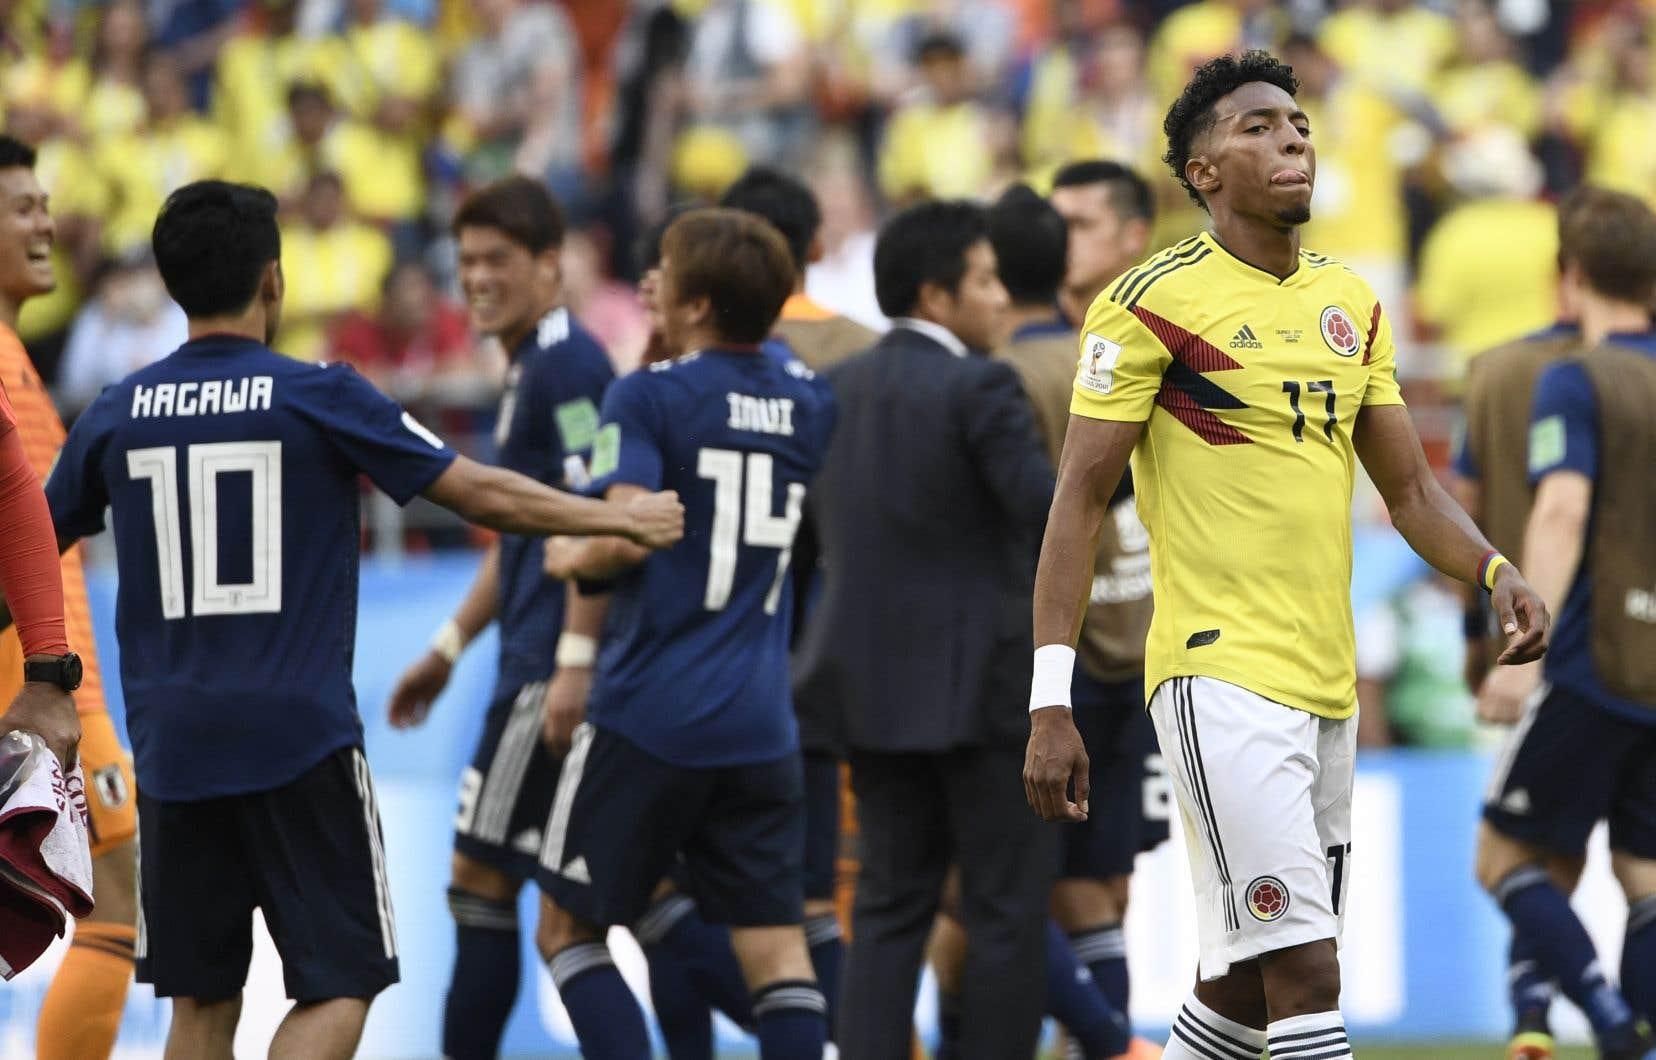 La Colombie a perdu 2-1 contre l'adversaire supposé le plus faible de son groupe, le Japon.